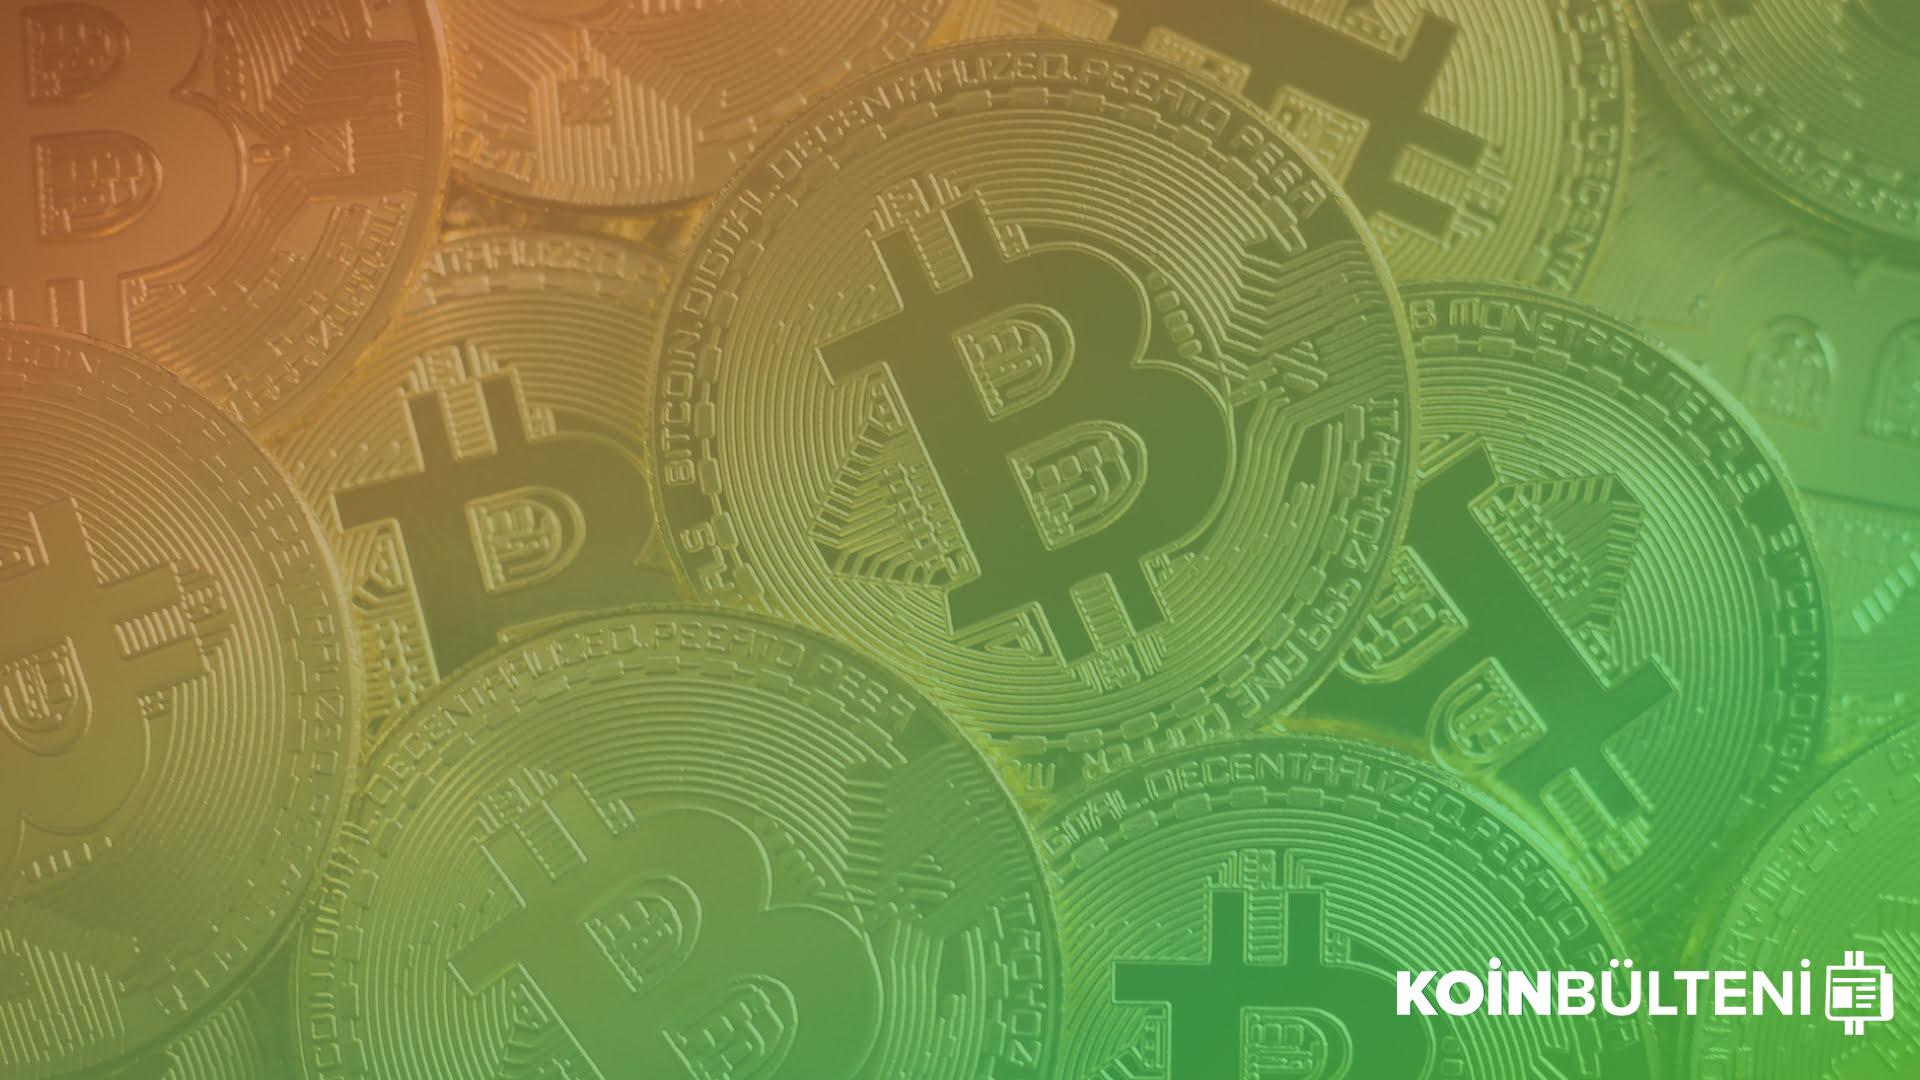 Wall-Street-Journal-bitcoin